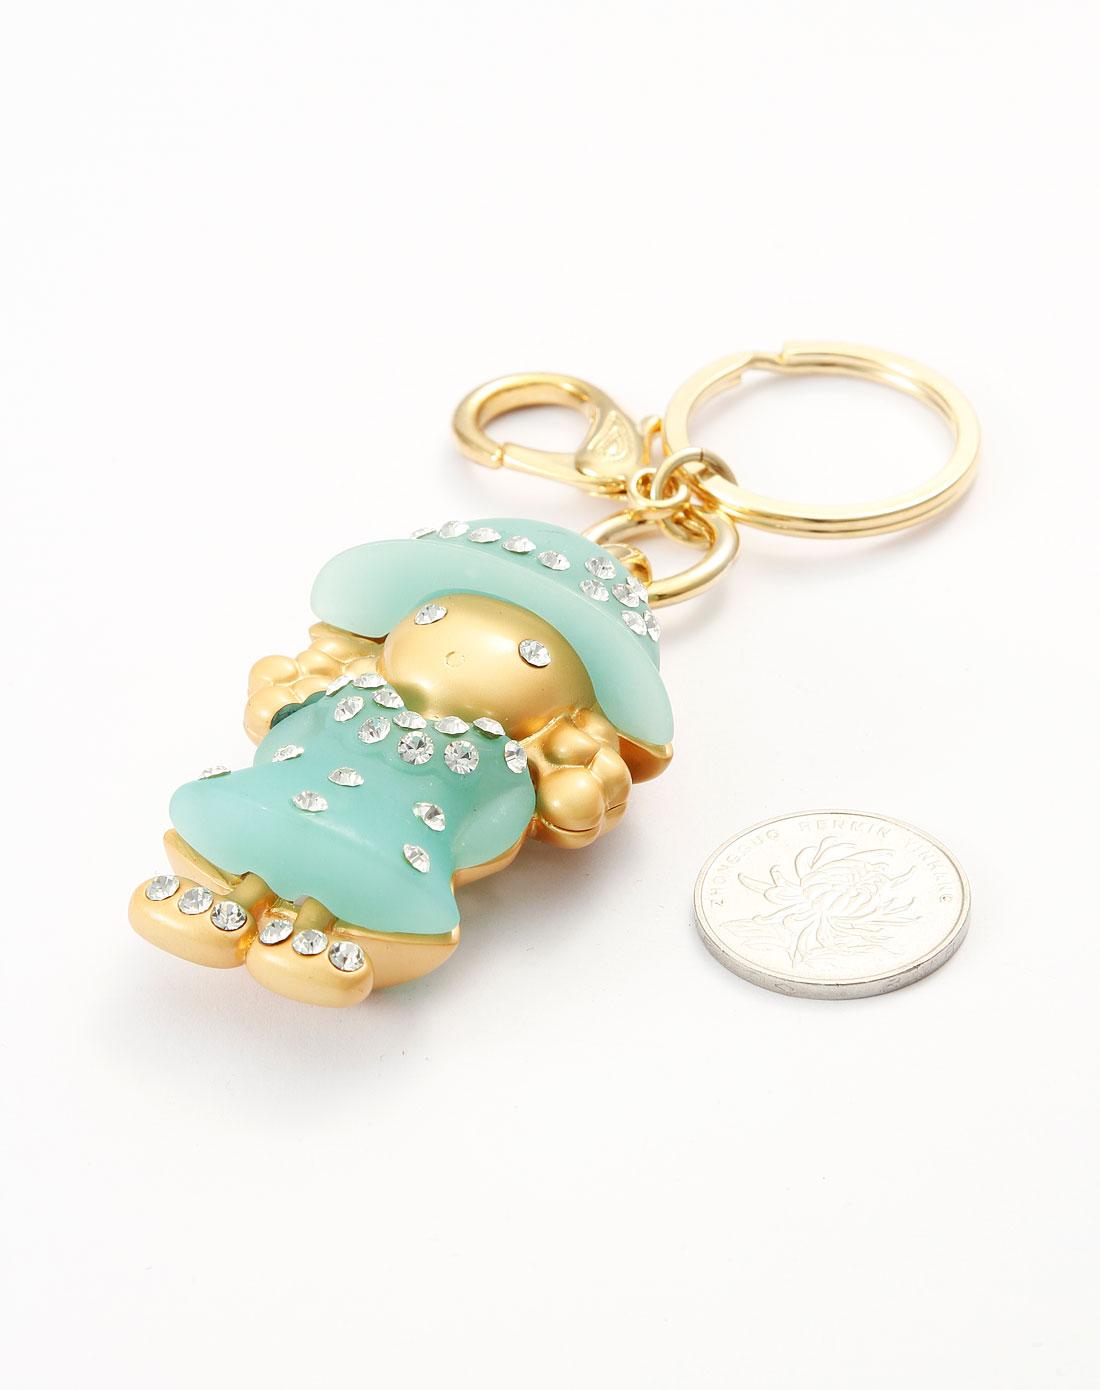 可爱绿衣小女孩钥匙扣